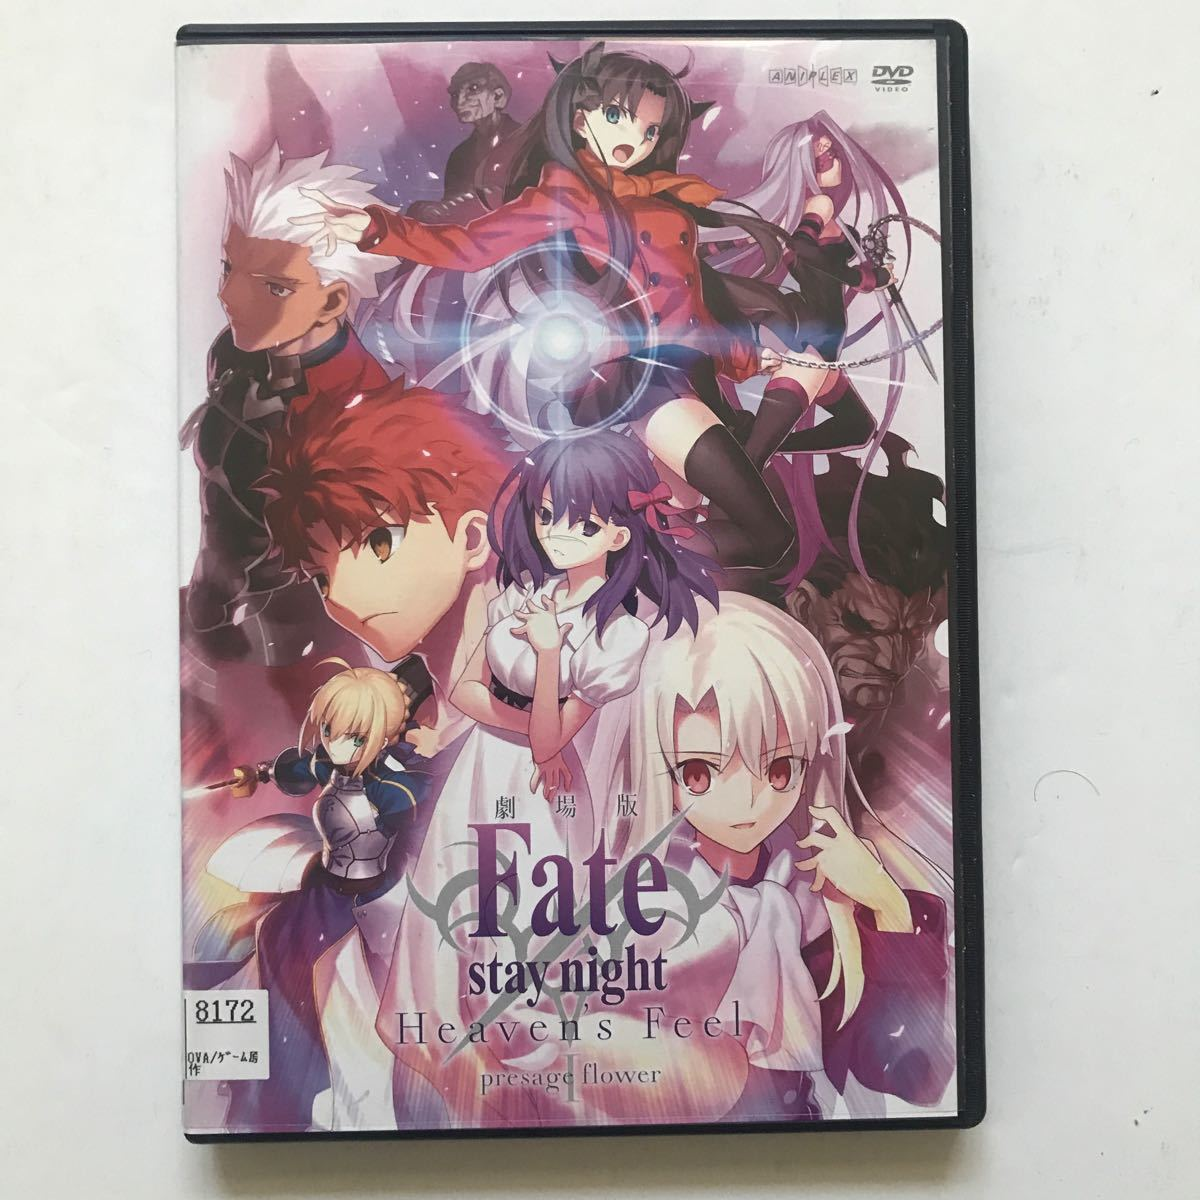 劇場版 Fate stay NIGHT DVD